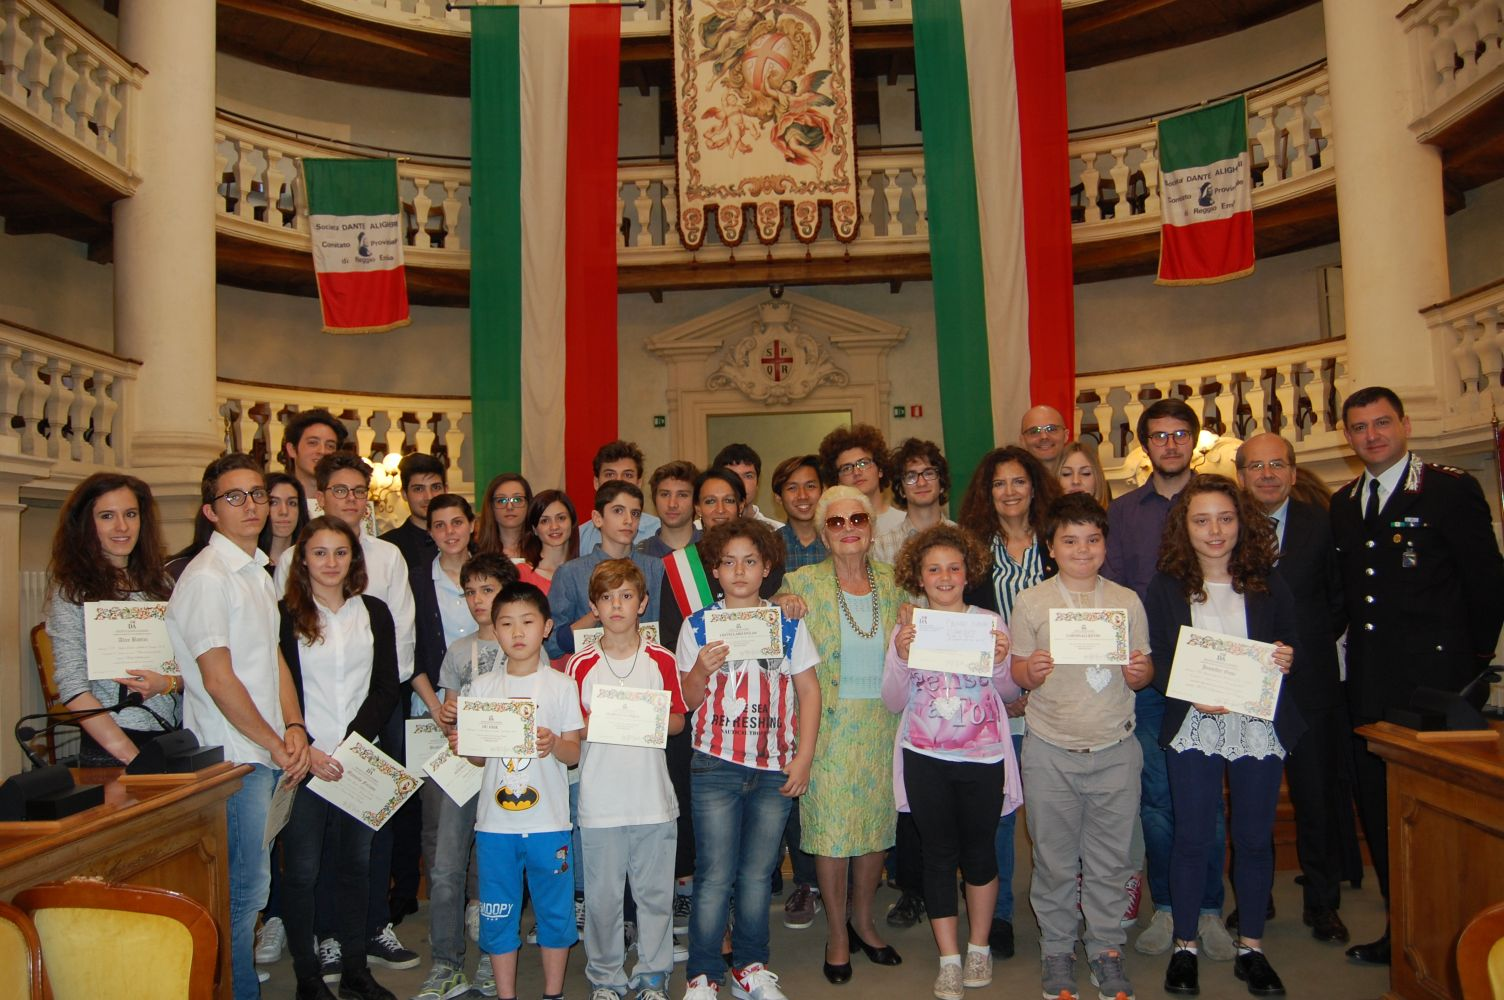 Ecco gli studenti più bravi di Reggio